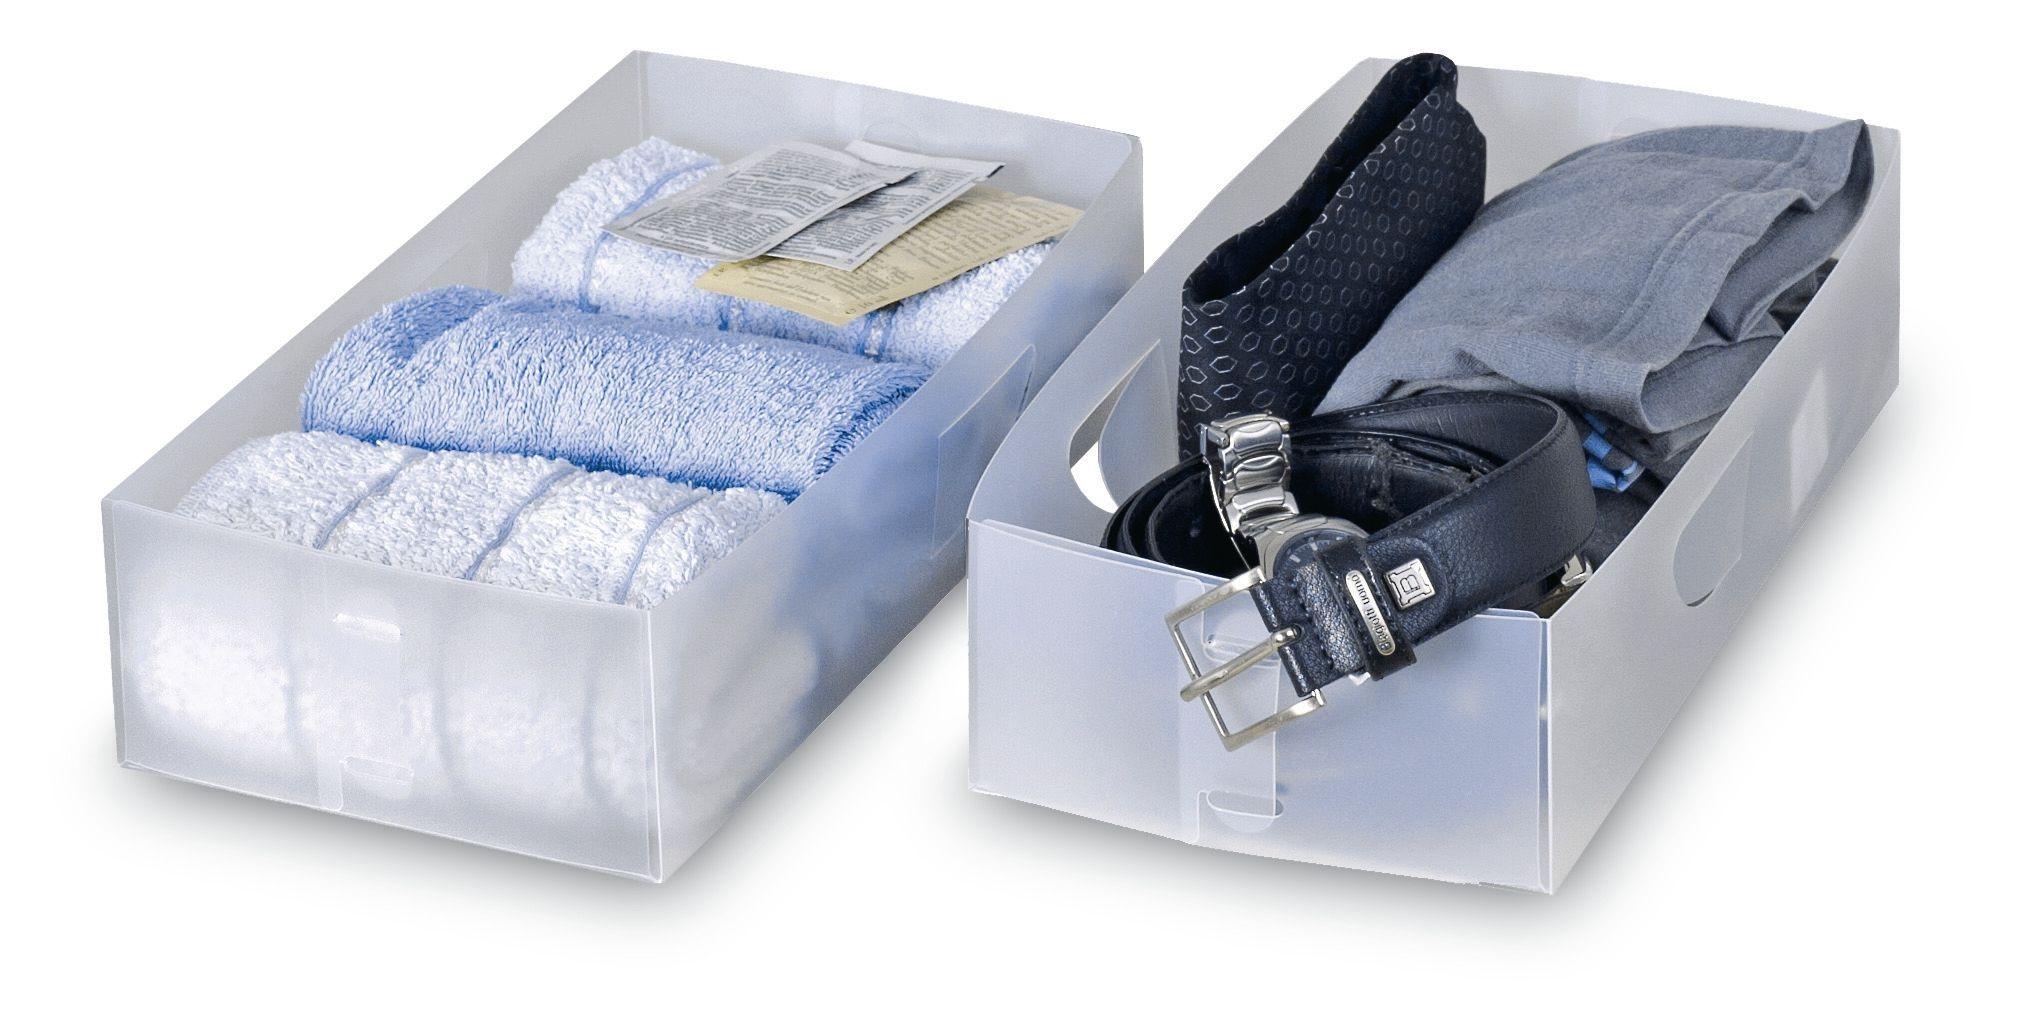 Set 2 organizatoare pentru sertar, Divisar Transparent, L30xl15,5xH8 cm imagine